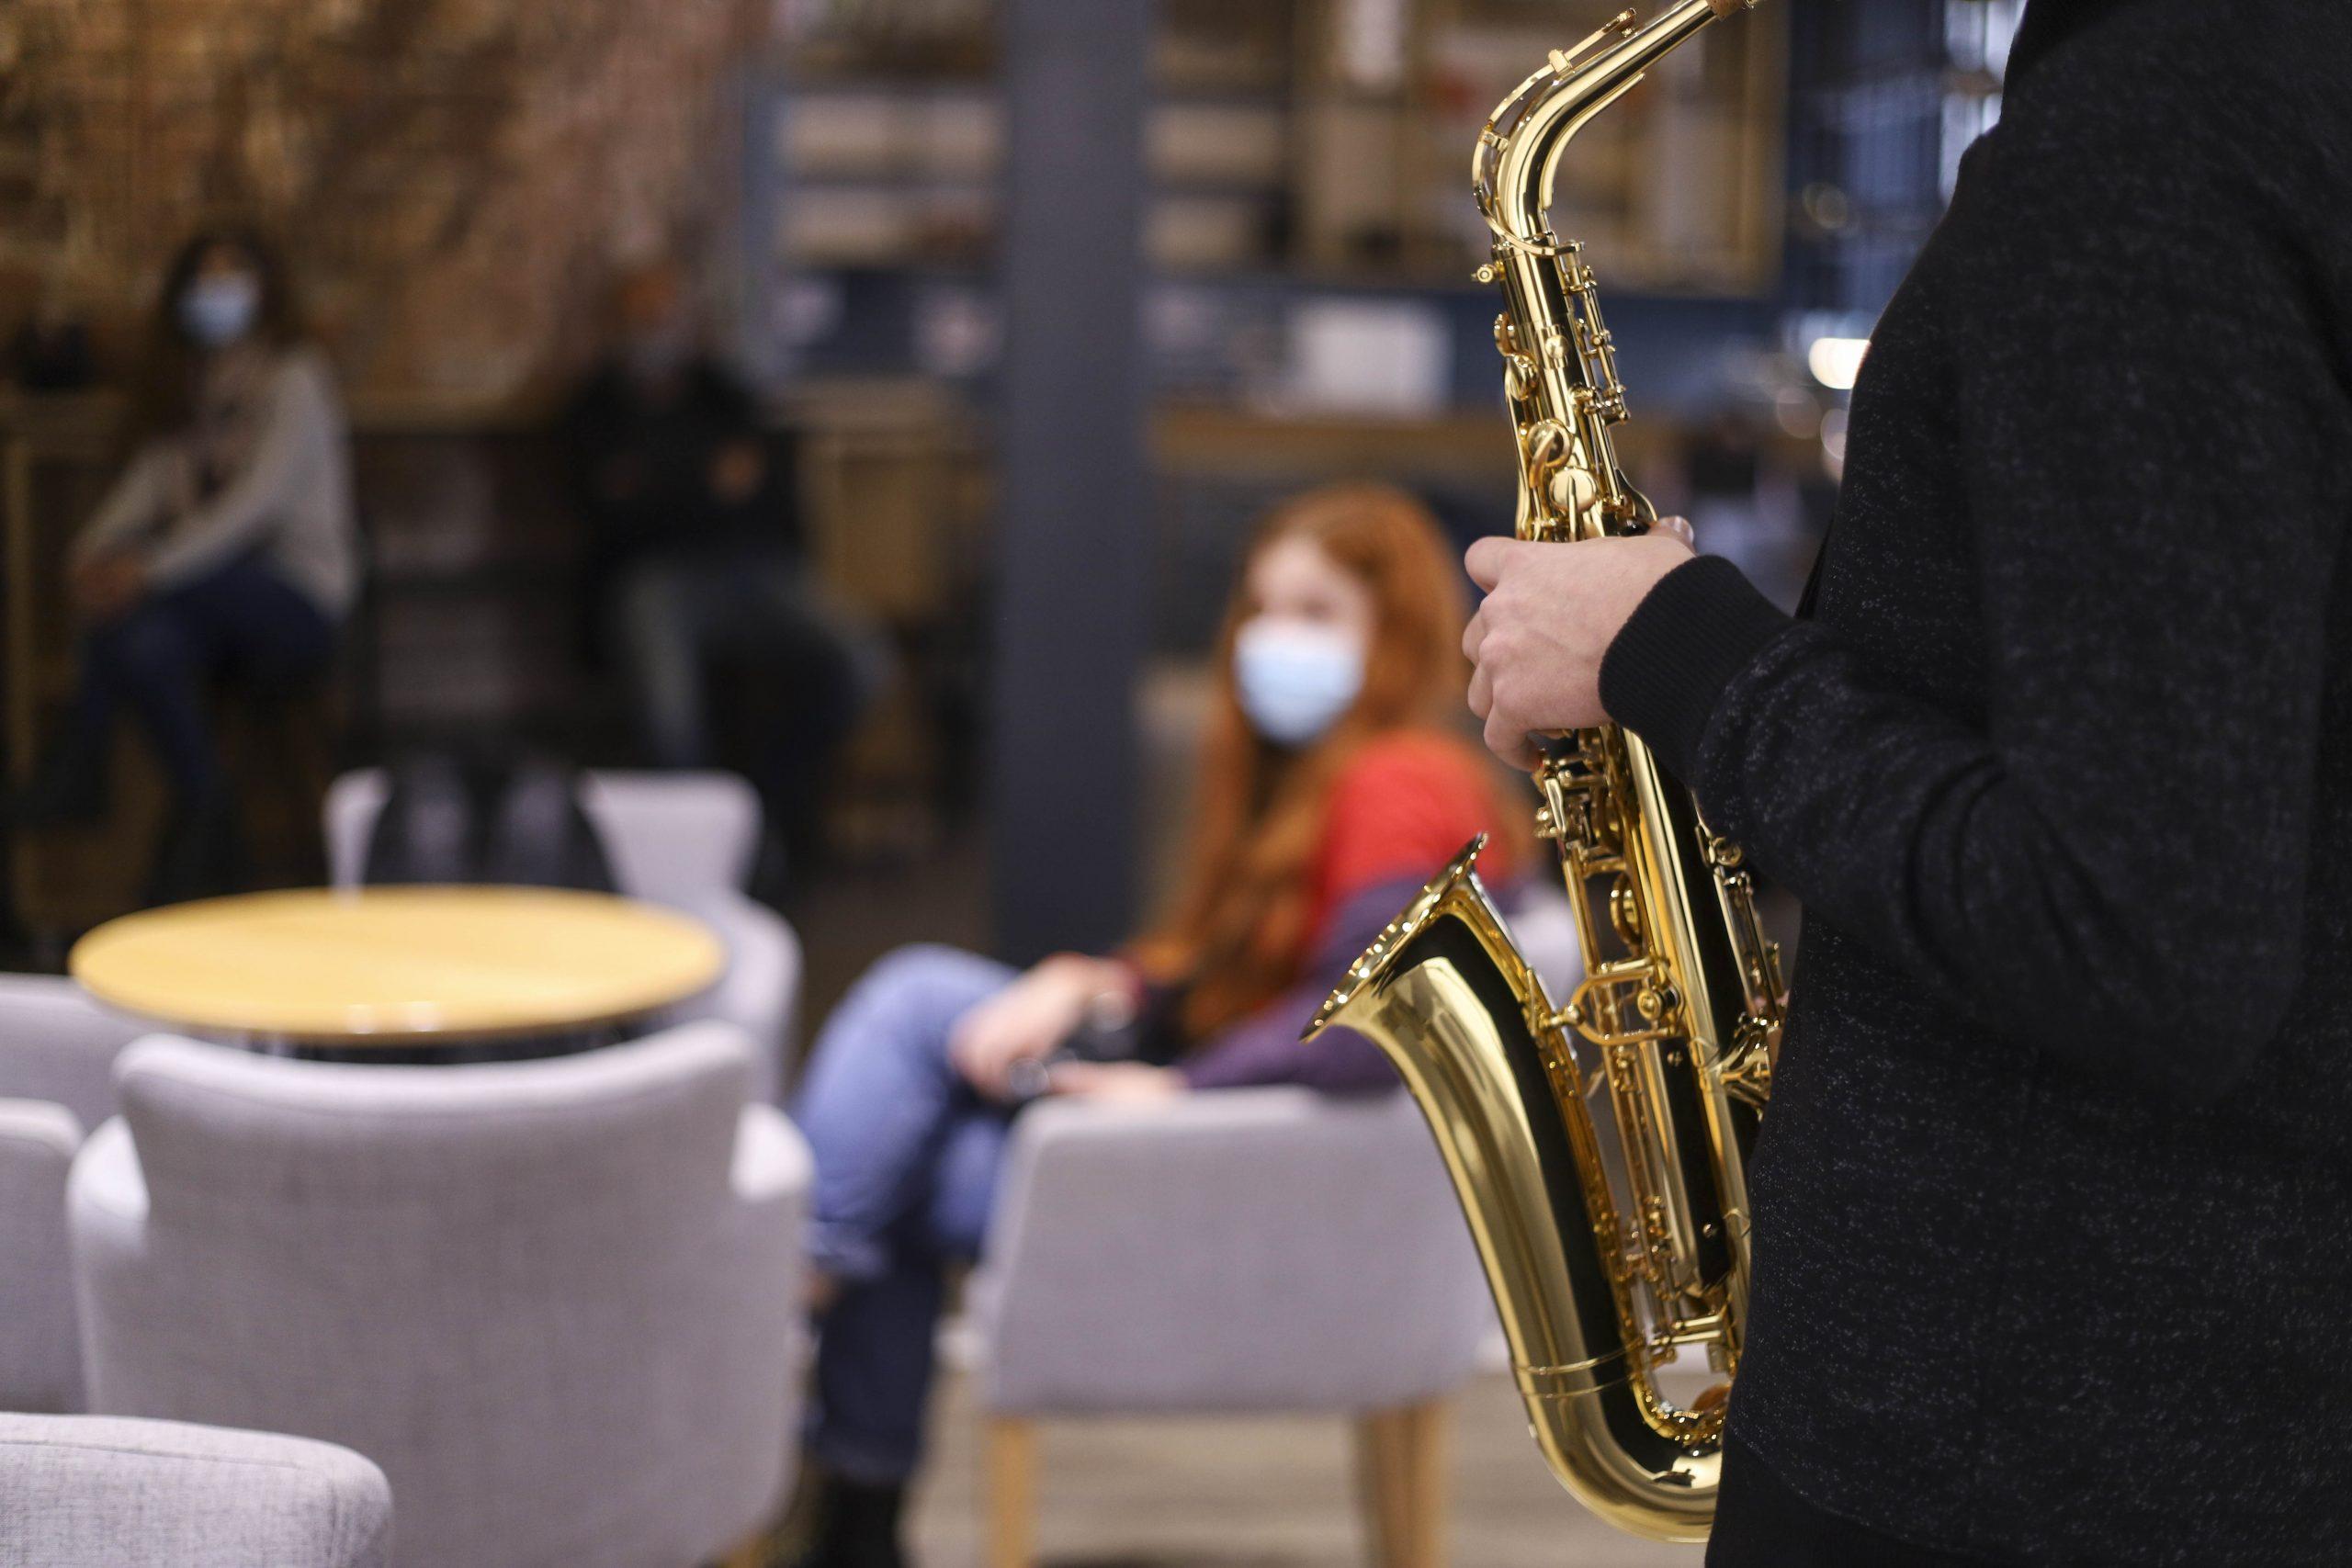 džez radionica inkluzivnog karaktera